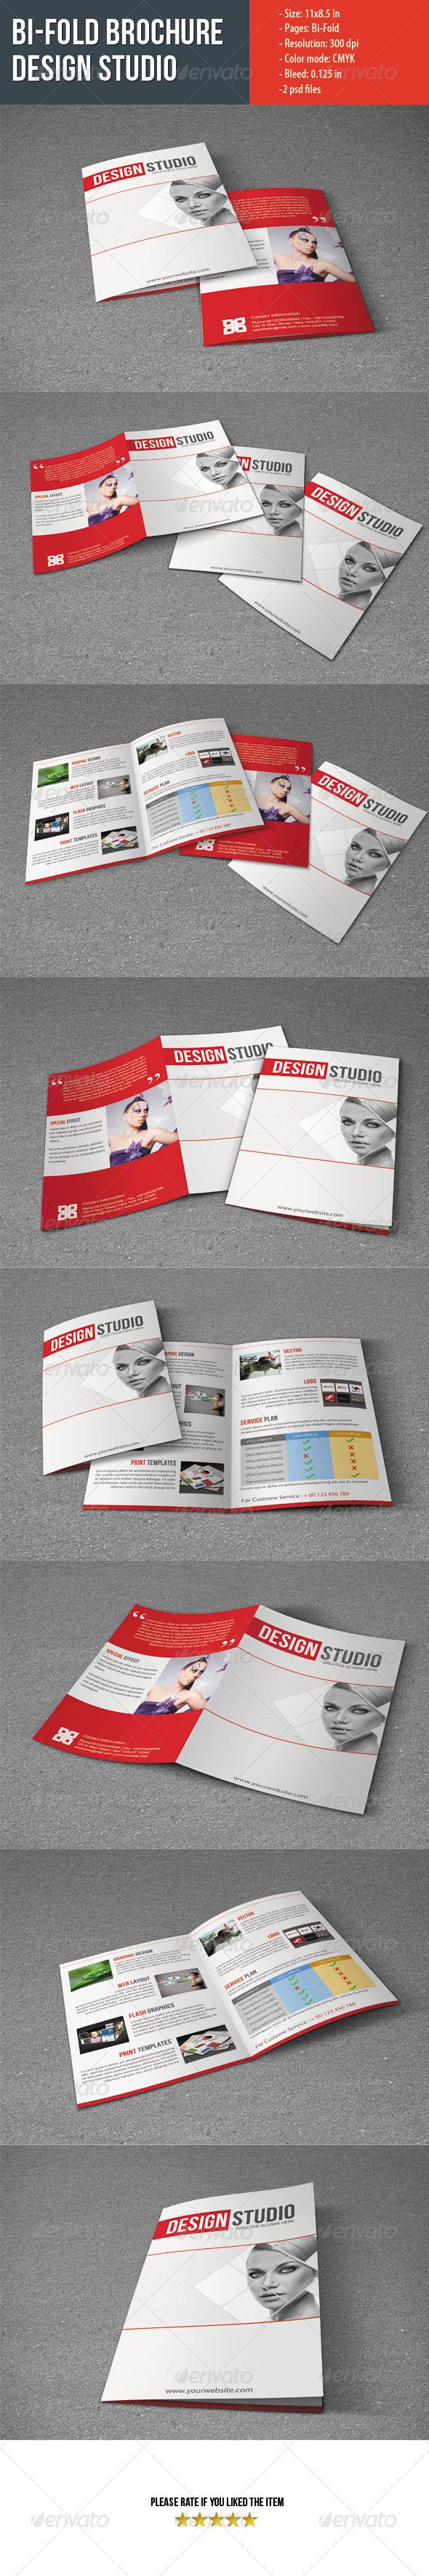 Bifold Brochure For Design Studio - Corporate Brochures